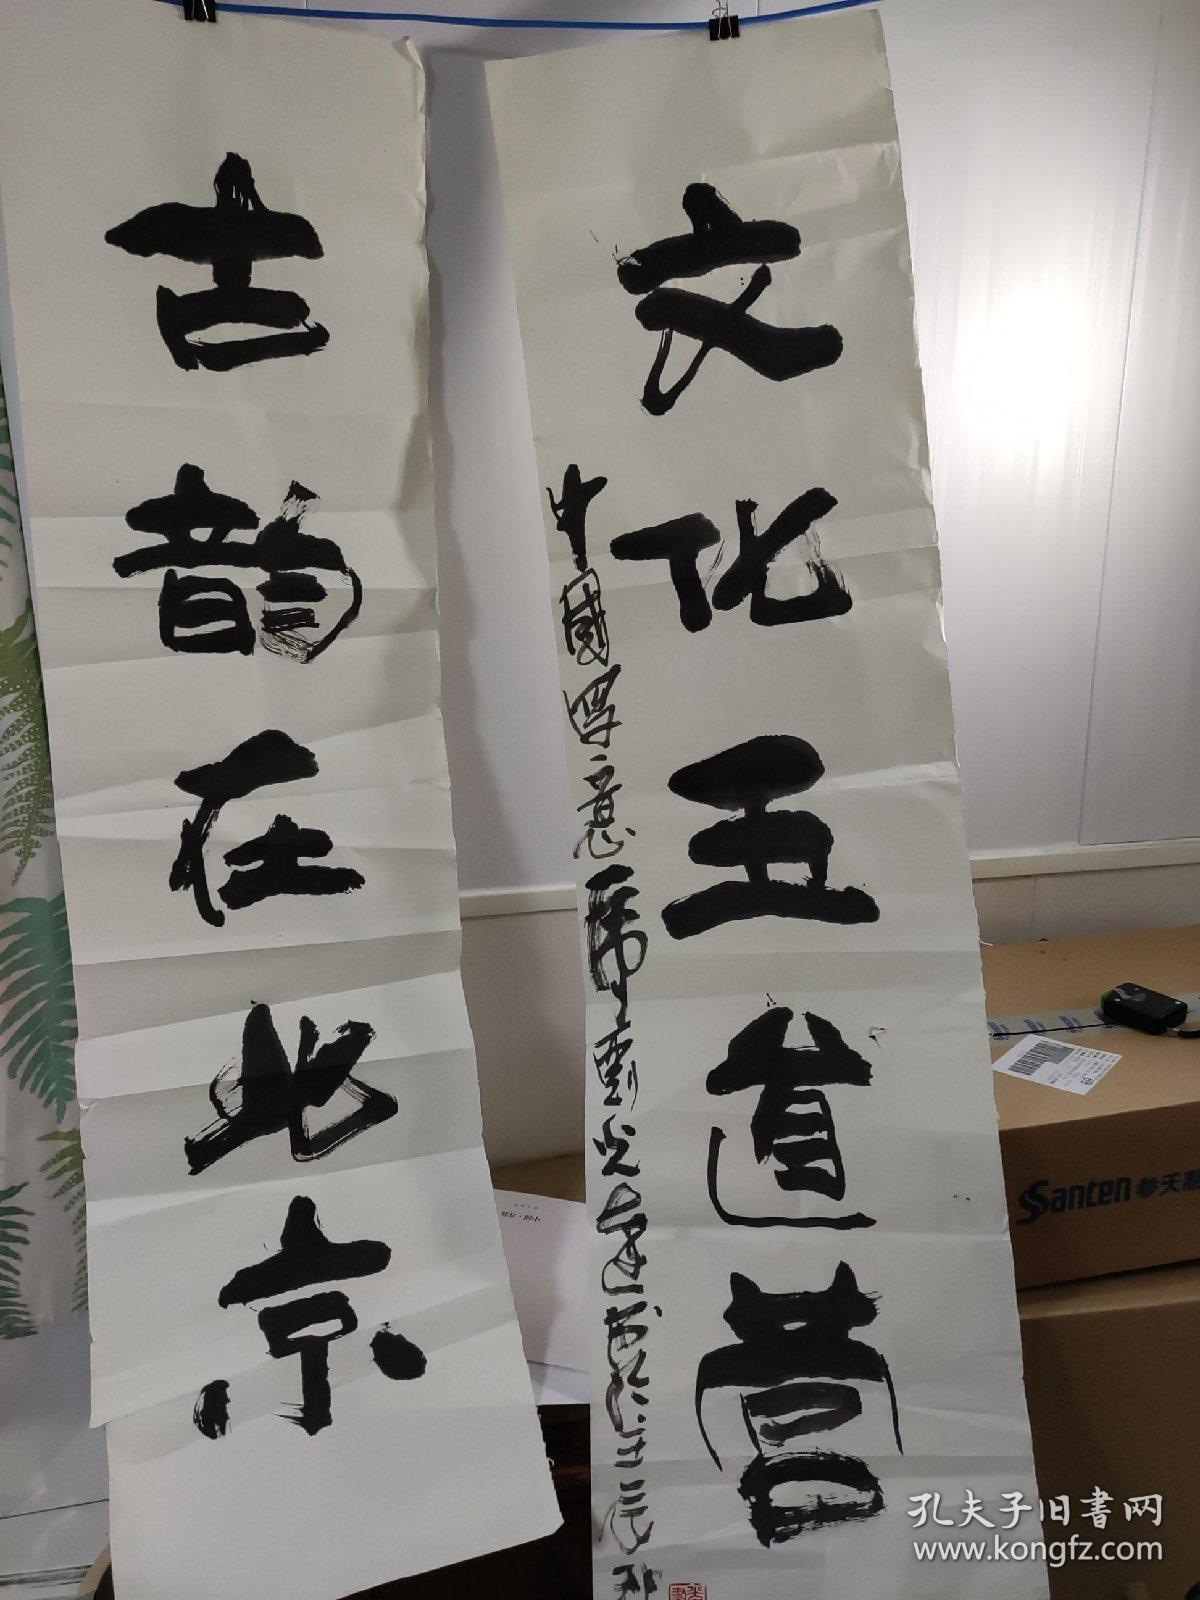 著名画家。刘光达。书法。对联。。文化五道营,古韵在北京。。135厘米35厘米软片